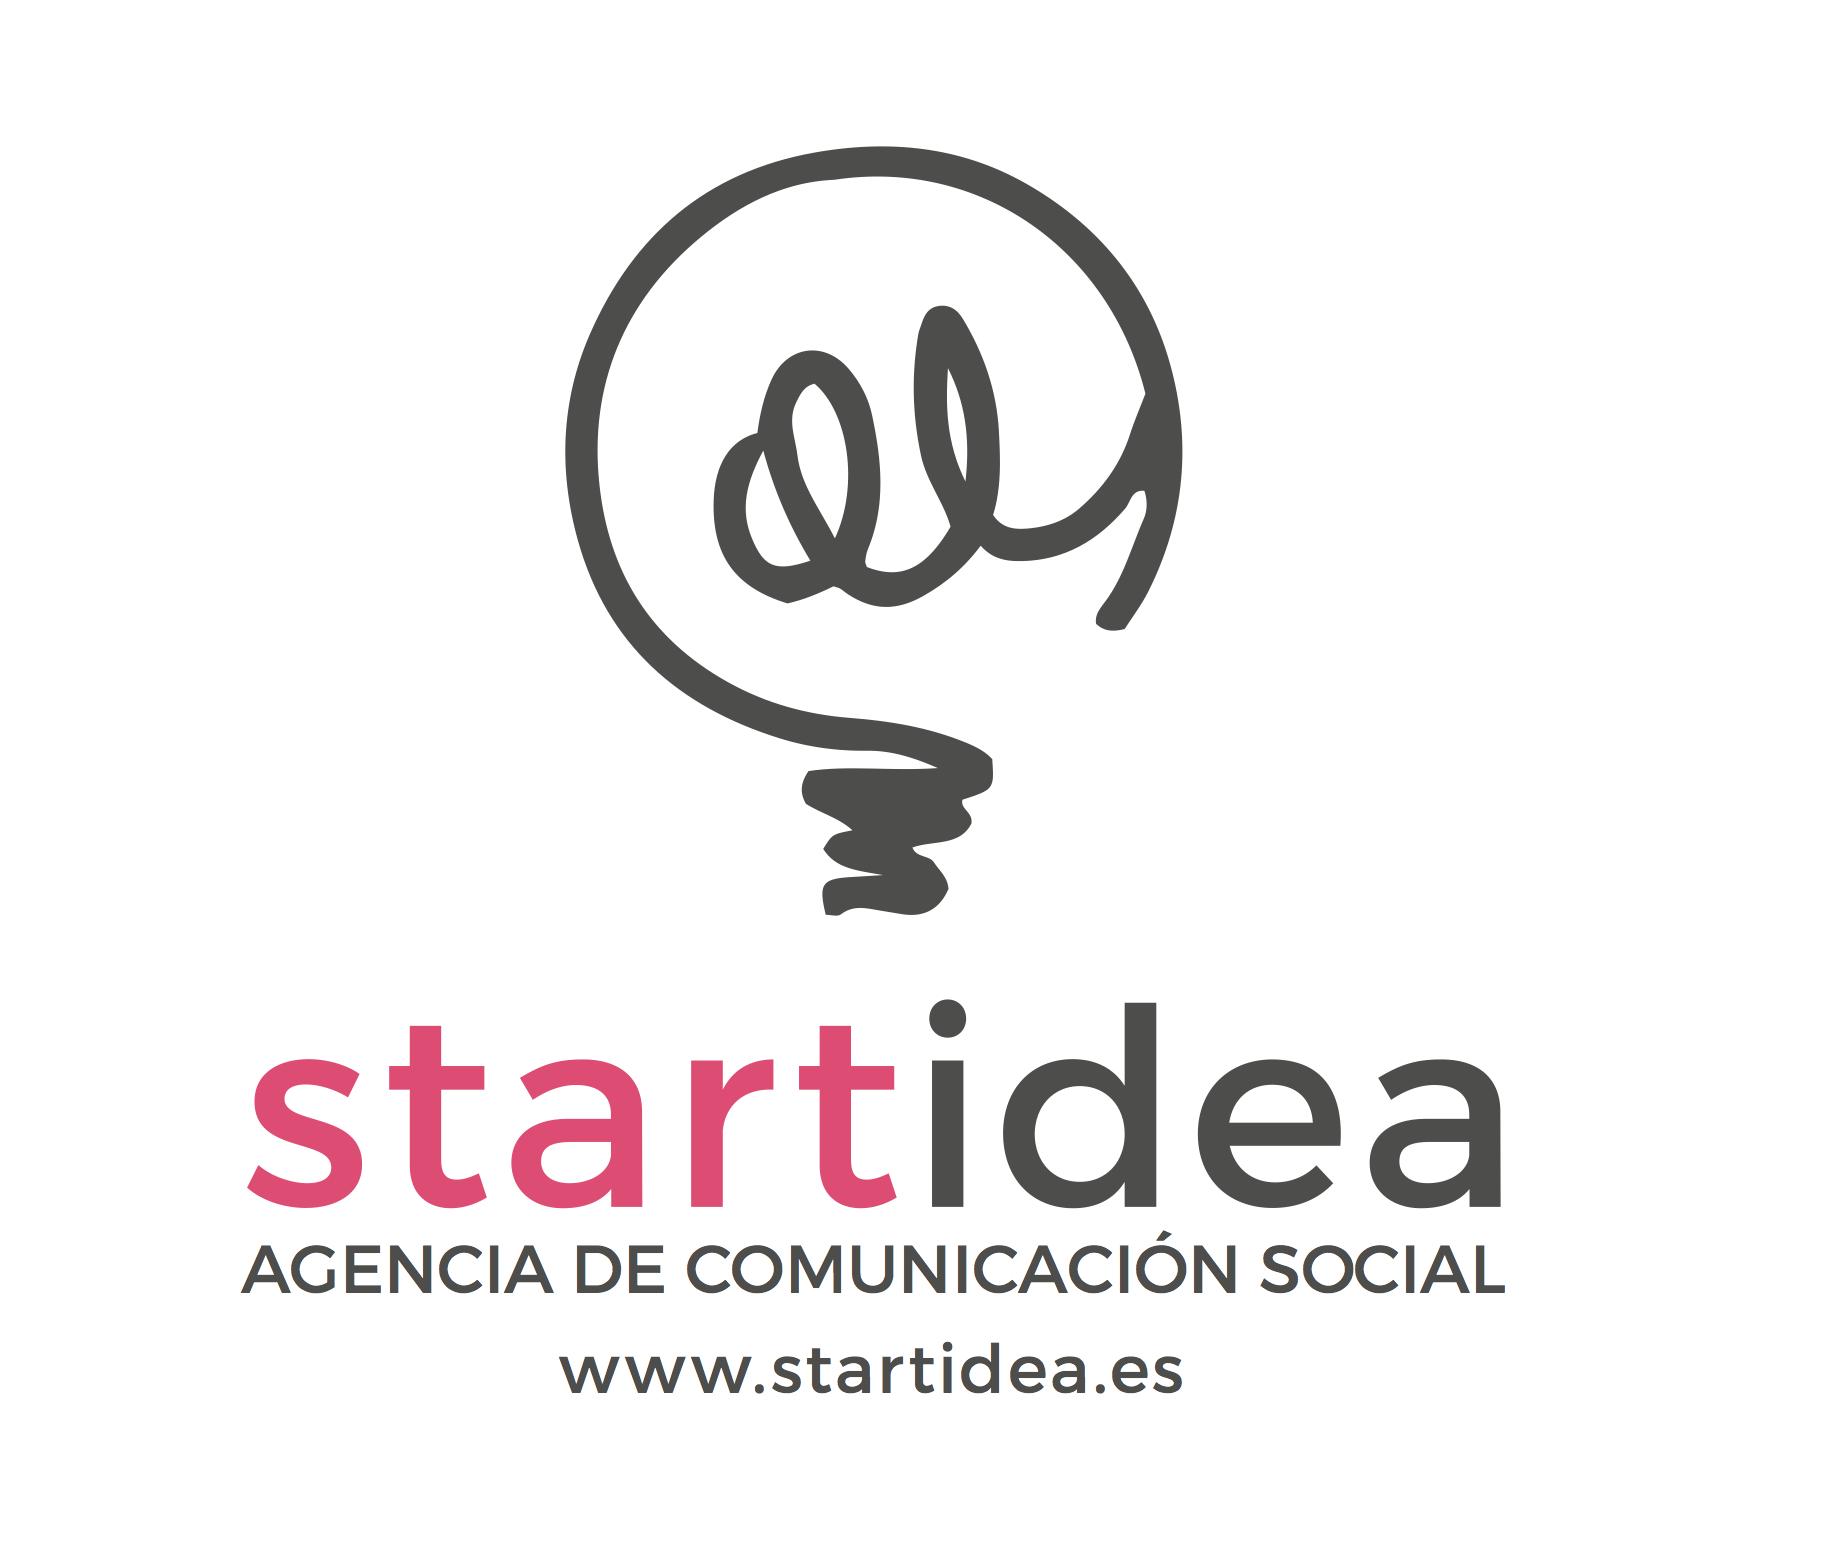 STARTIDEA COMUNICACION SOCIAL